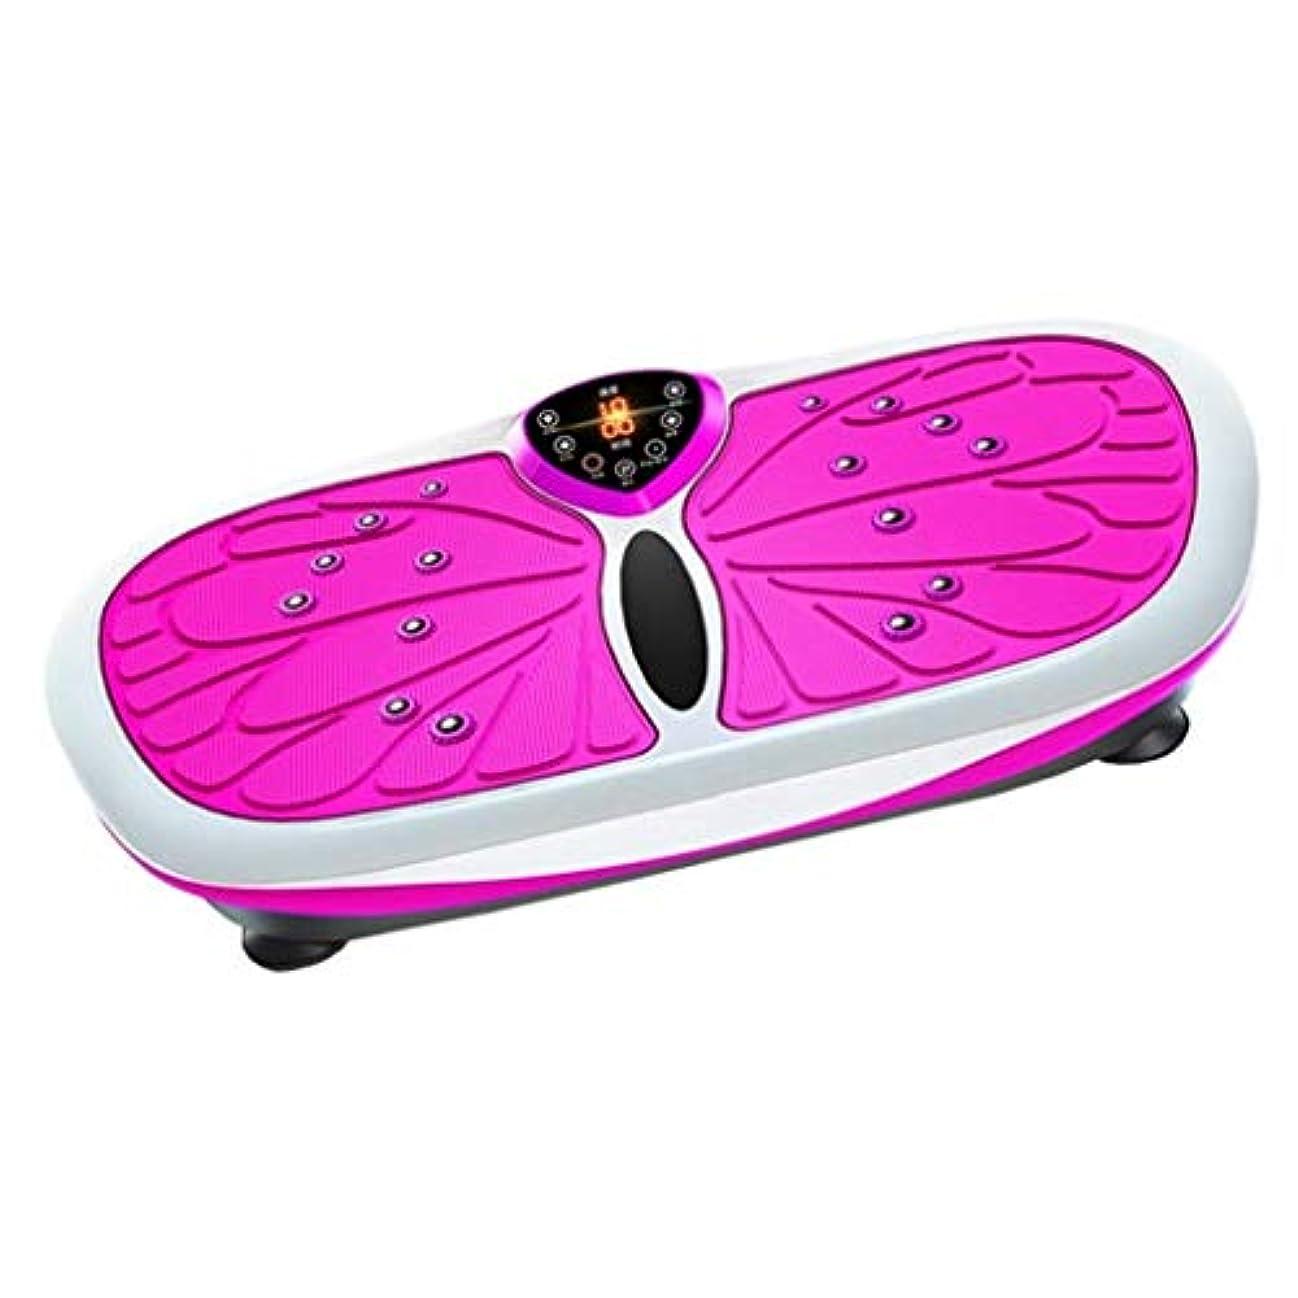 宣言するシュリンク伝統的減量装置、サイレントモーター振動プレート-ジム自宅での体重減少のための99レベルの3D振動トレーナー磁気療法マッサージ (Color : ピンク)